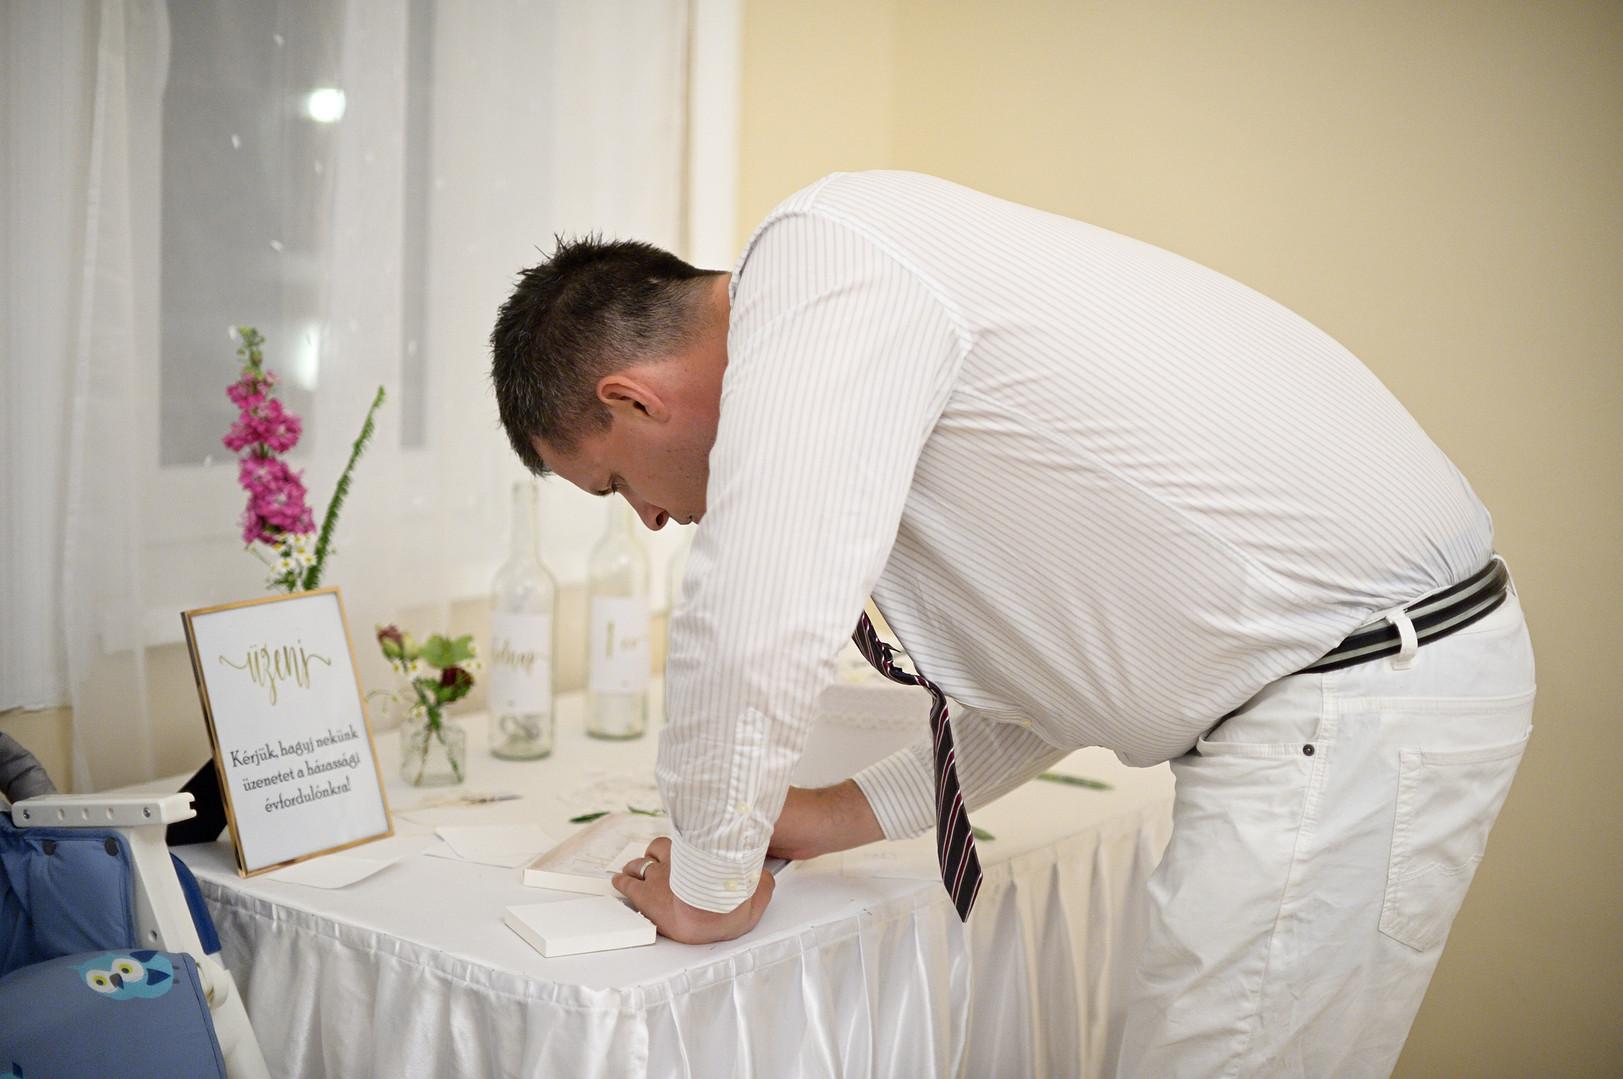 419  Esküvői fotózás - Enikő és Peti Bul